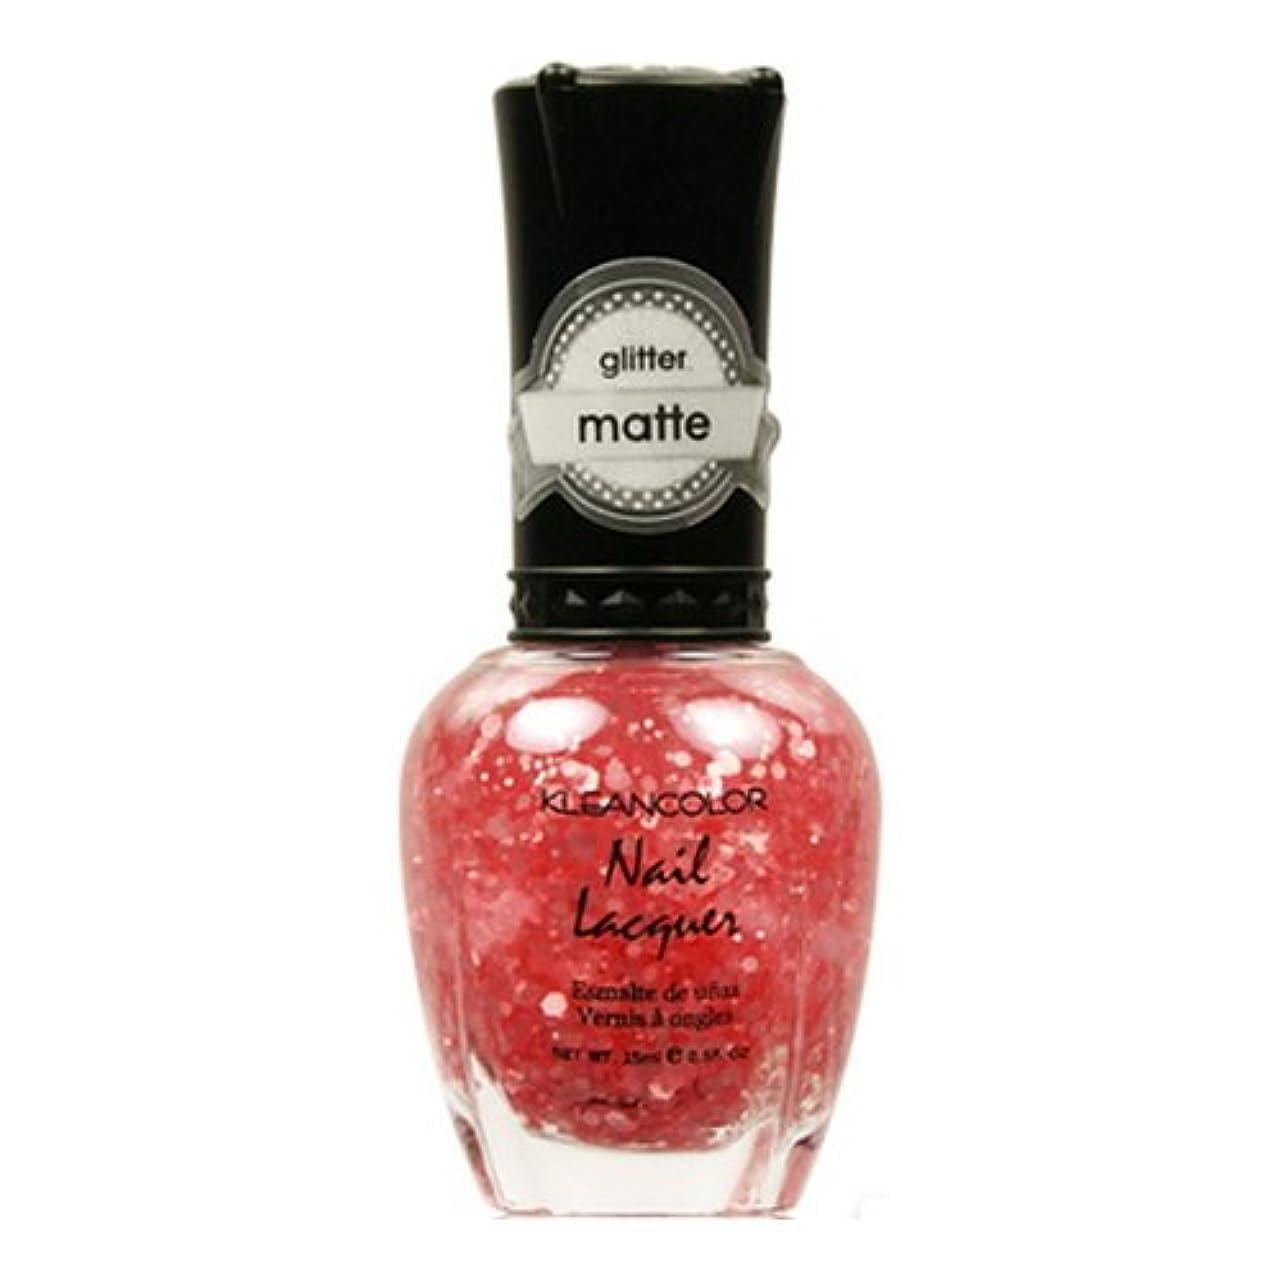 先生研磨世界的にKLEANCOLOR Glitter Matte Nail Lacquer - Blush Pink (並行輸入品)